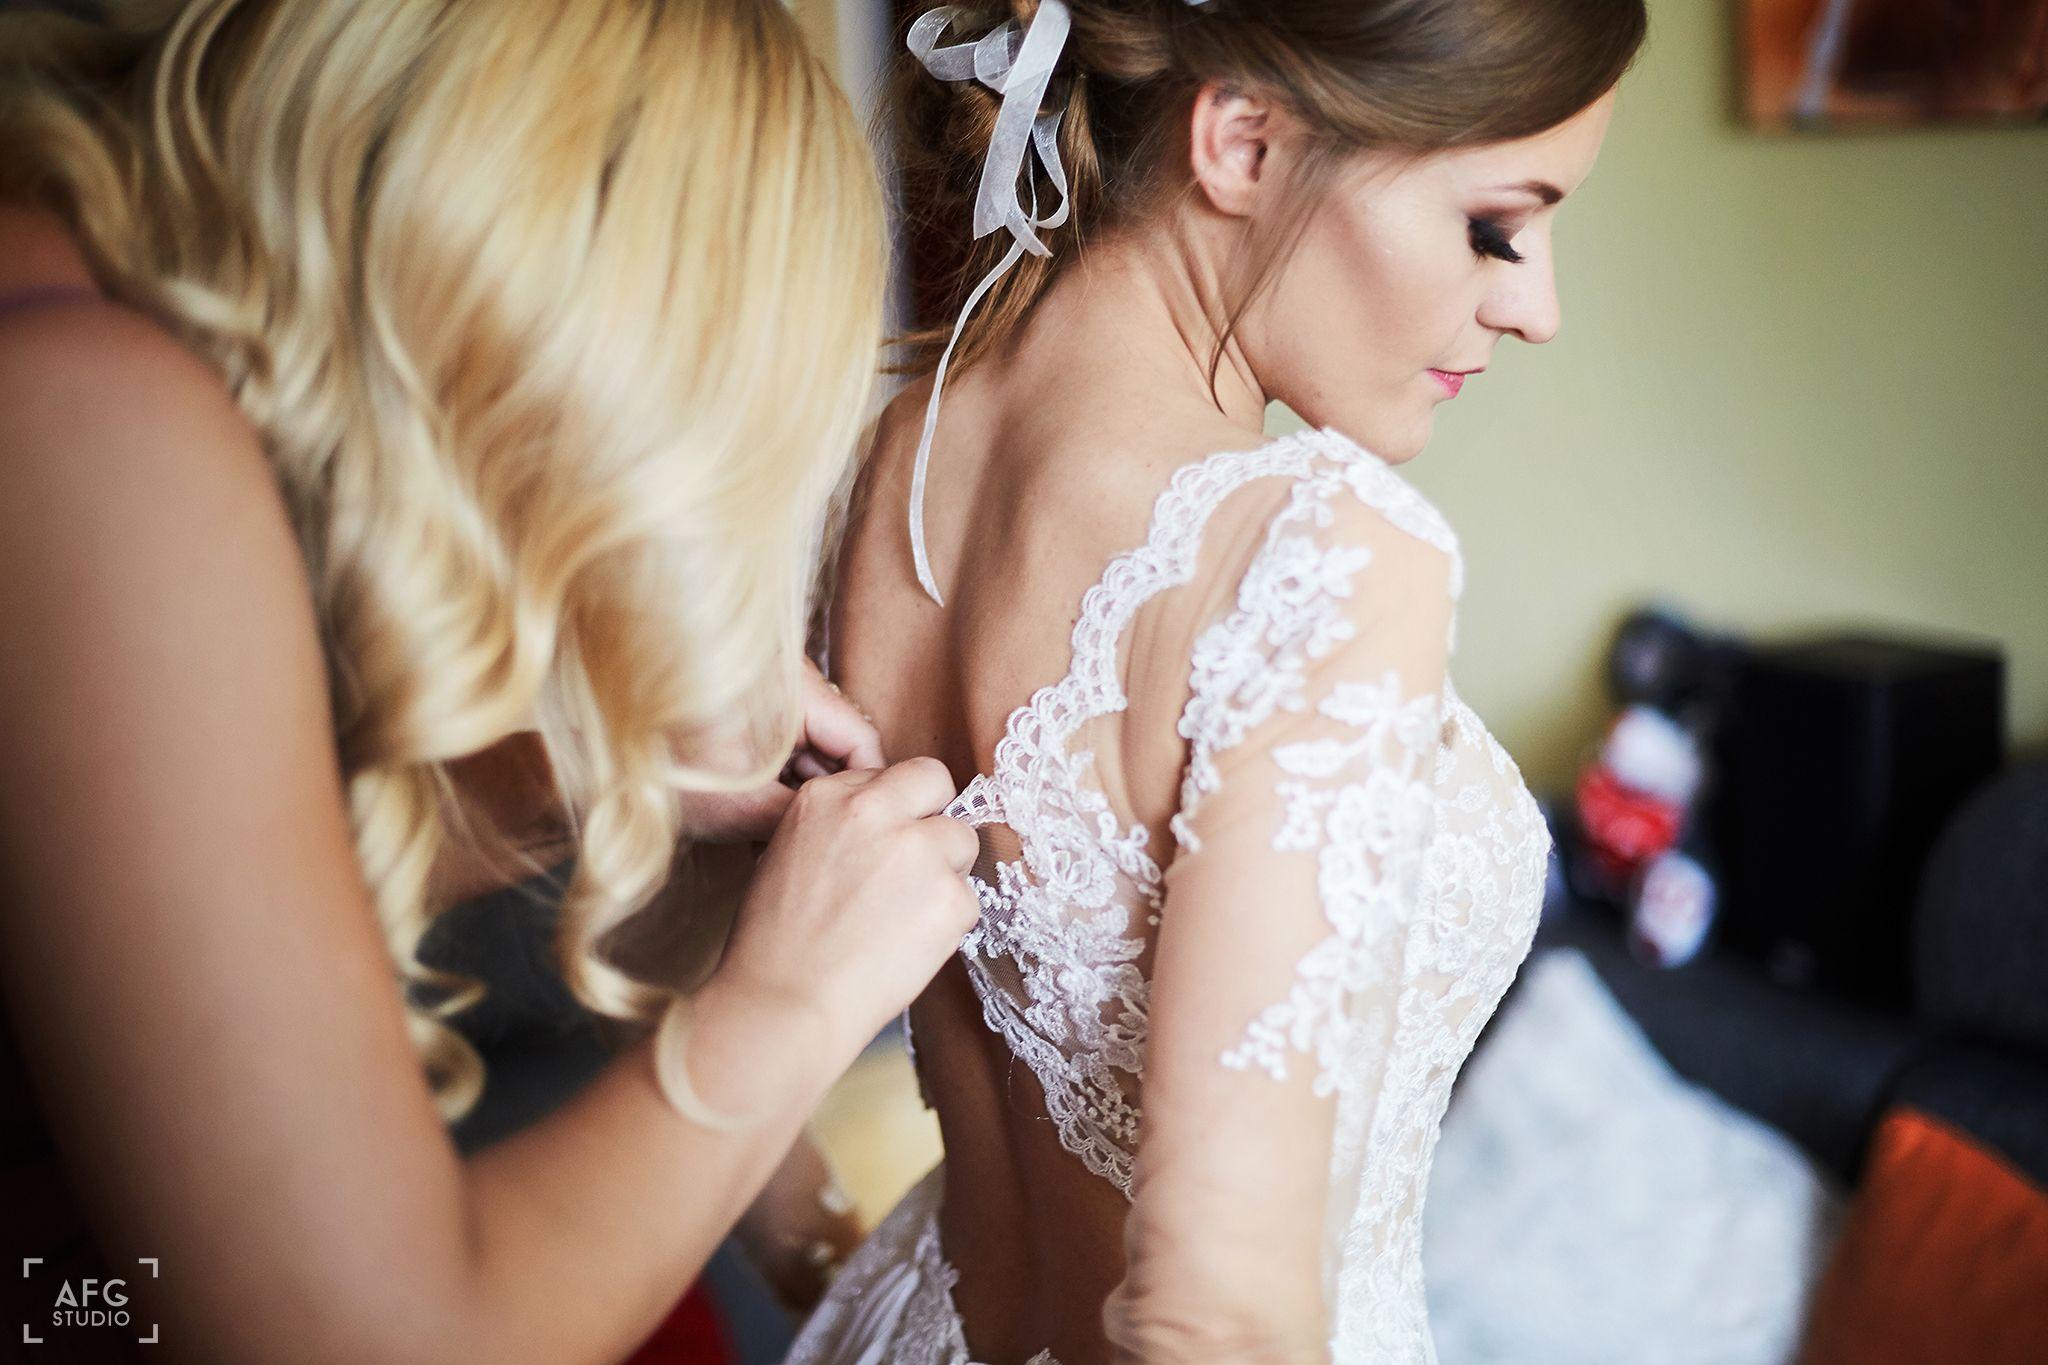 suknia ślubna, panna młoda, świadkowa